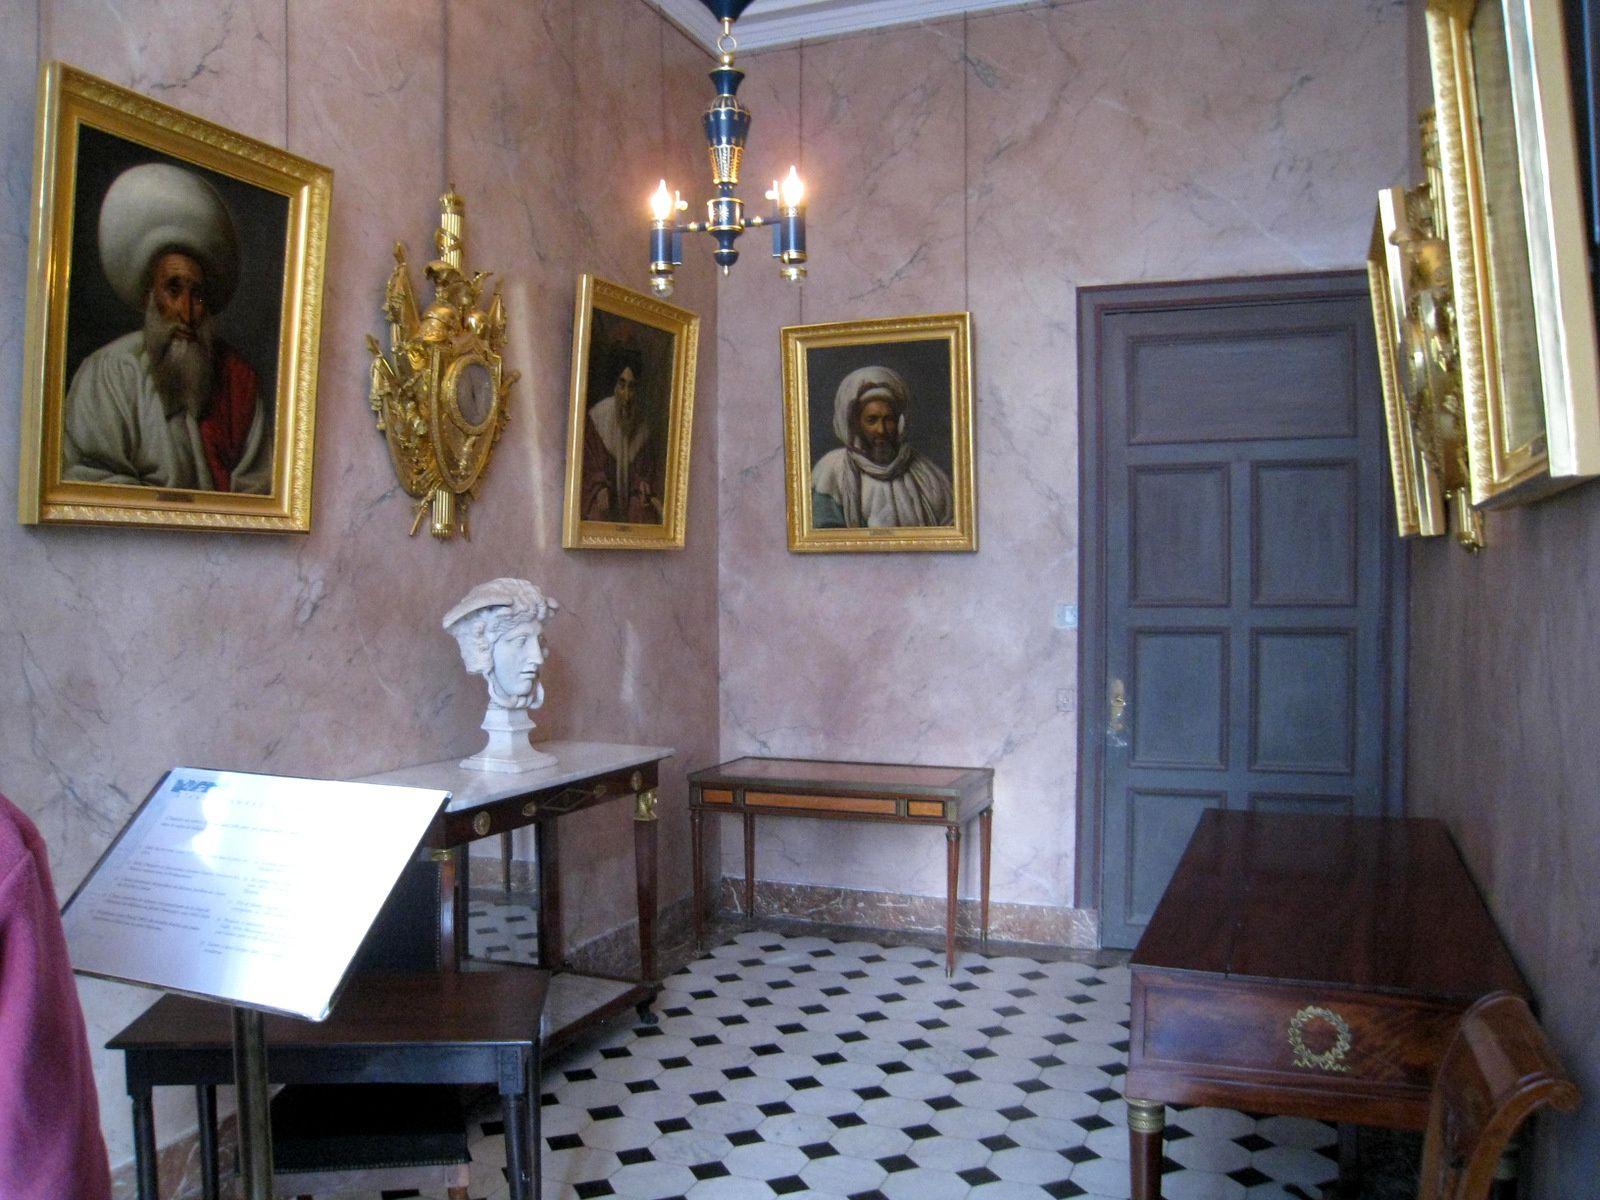 L'antichambre du salon, château de Malmaison